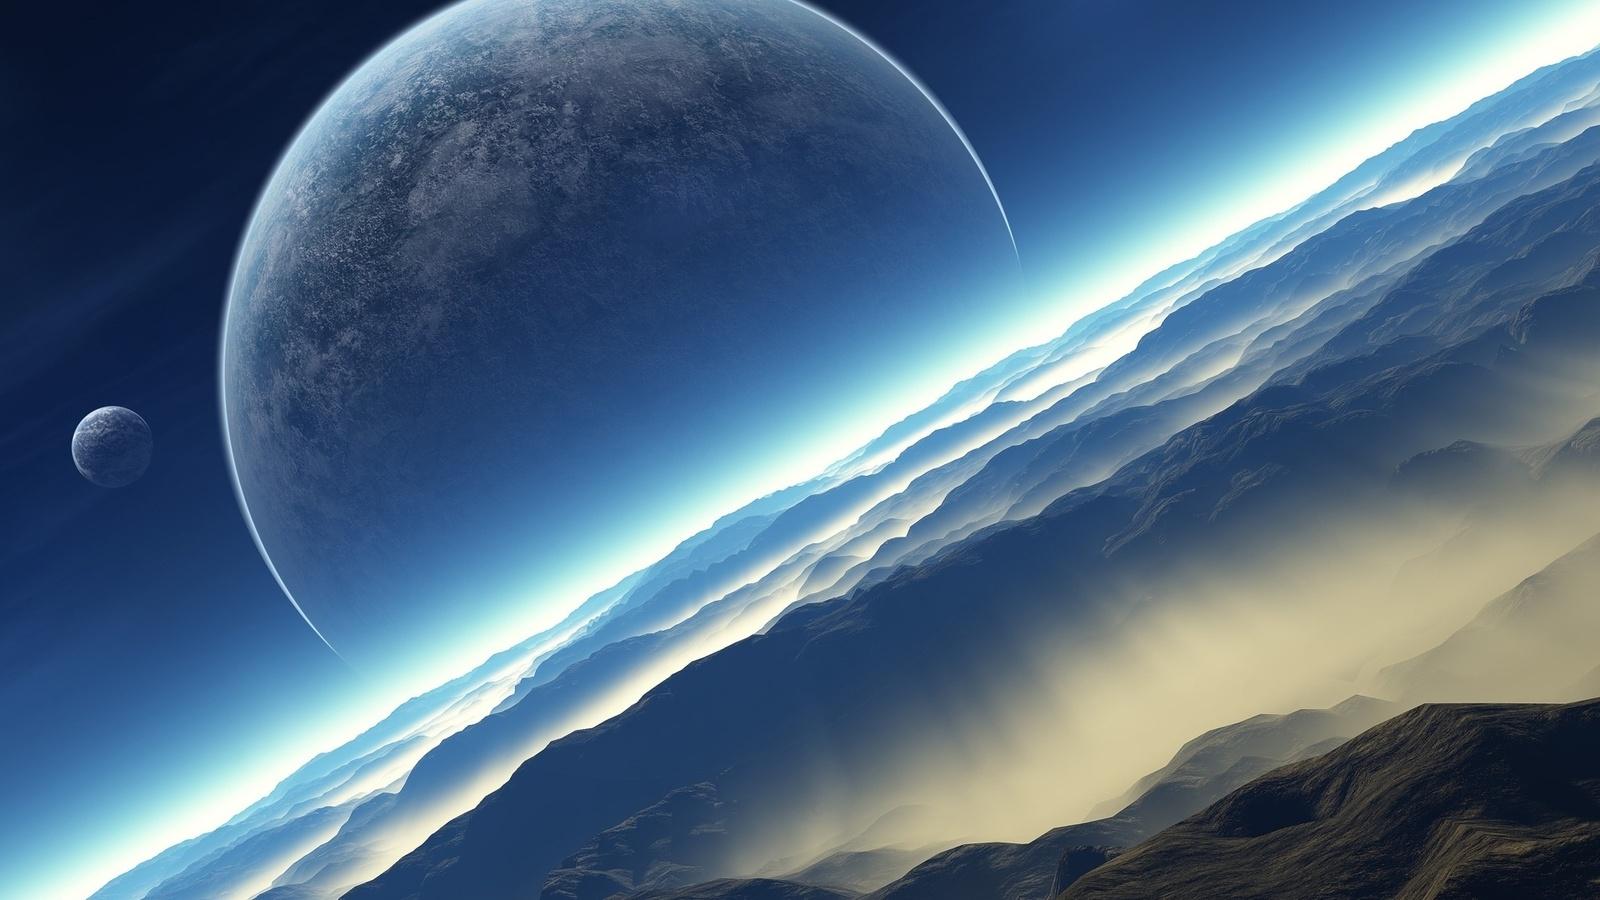 космос картинки красивые на рабочий стол